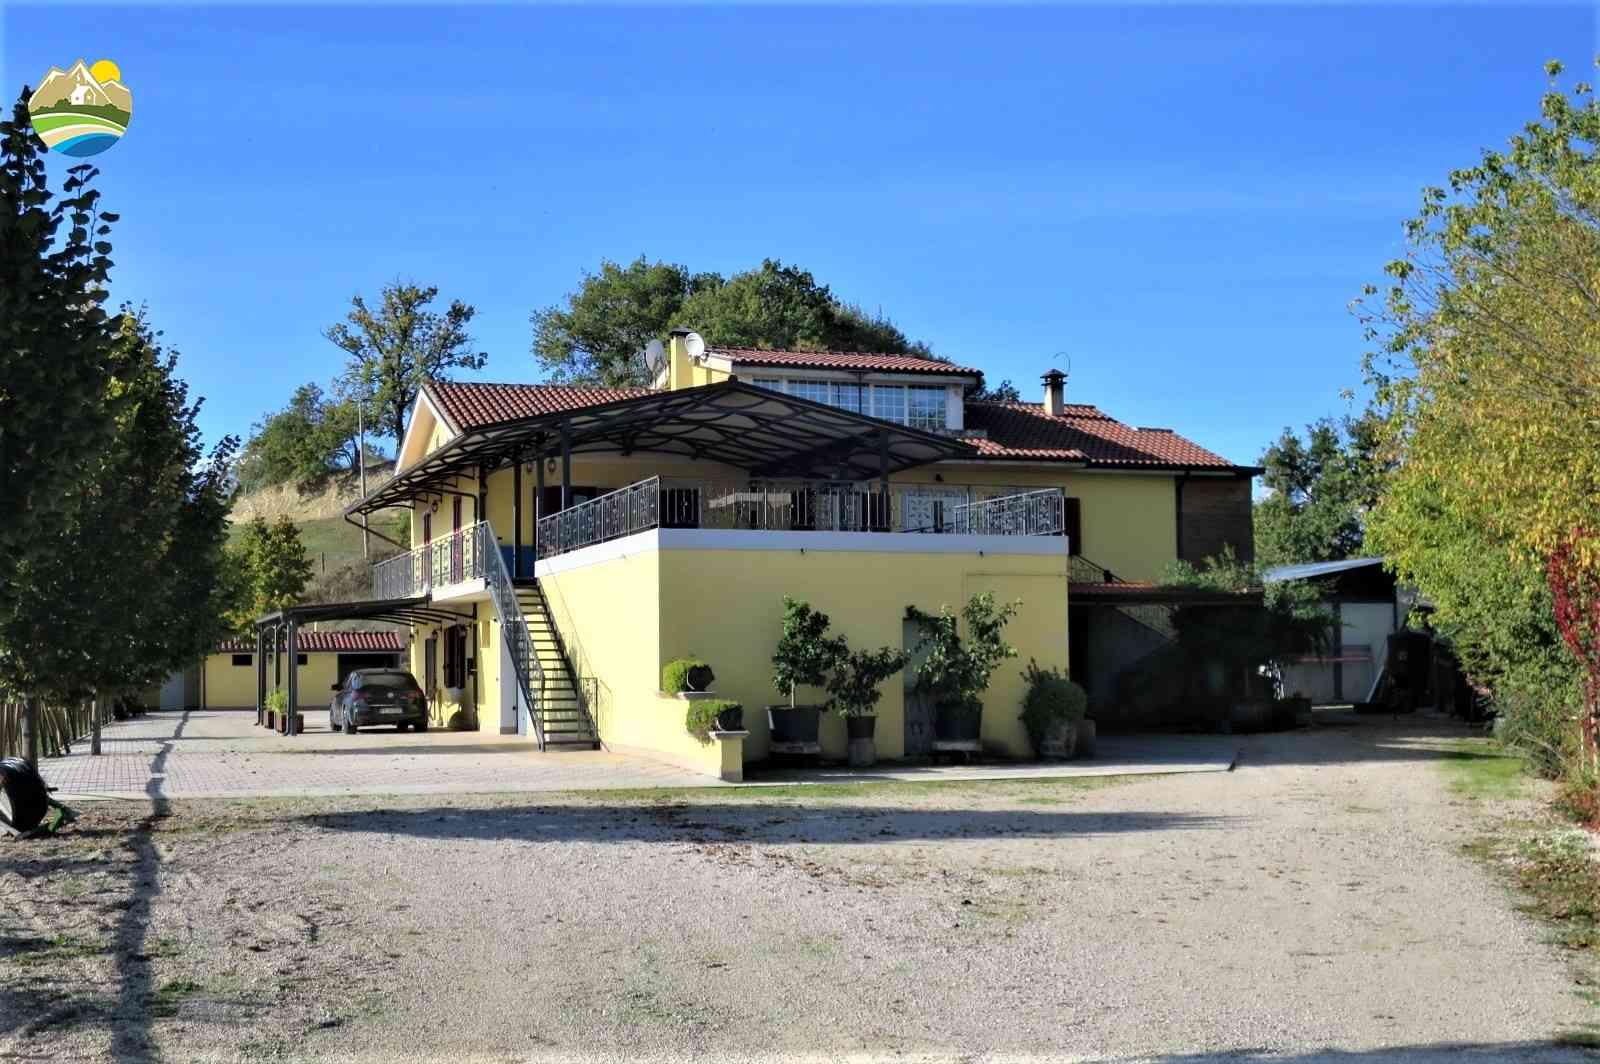 Casa di campagna Casa dei Tigli - Cellino Attanasio - EUR 699.525